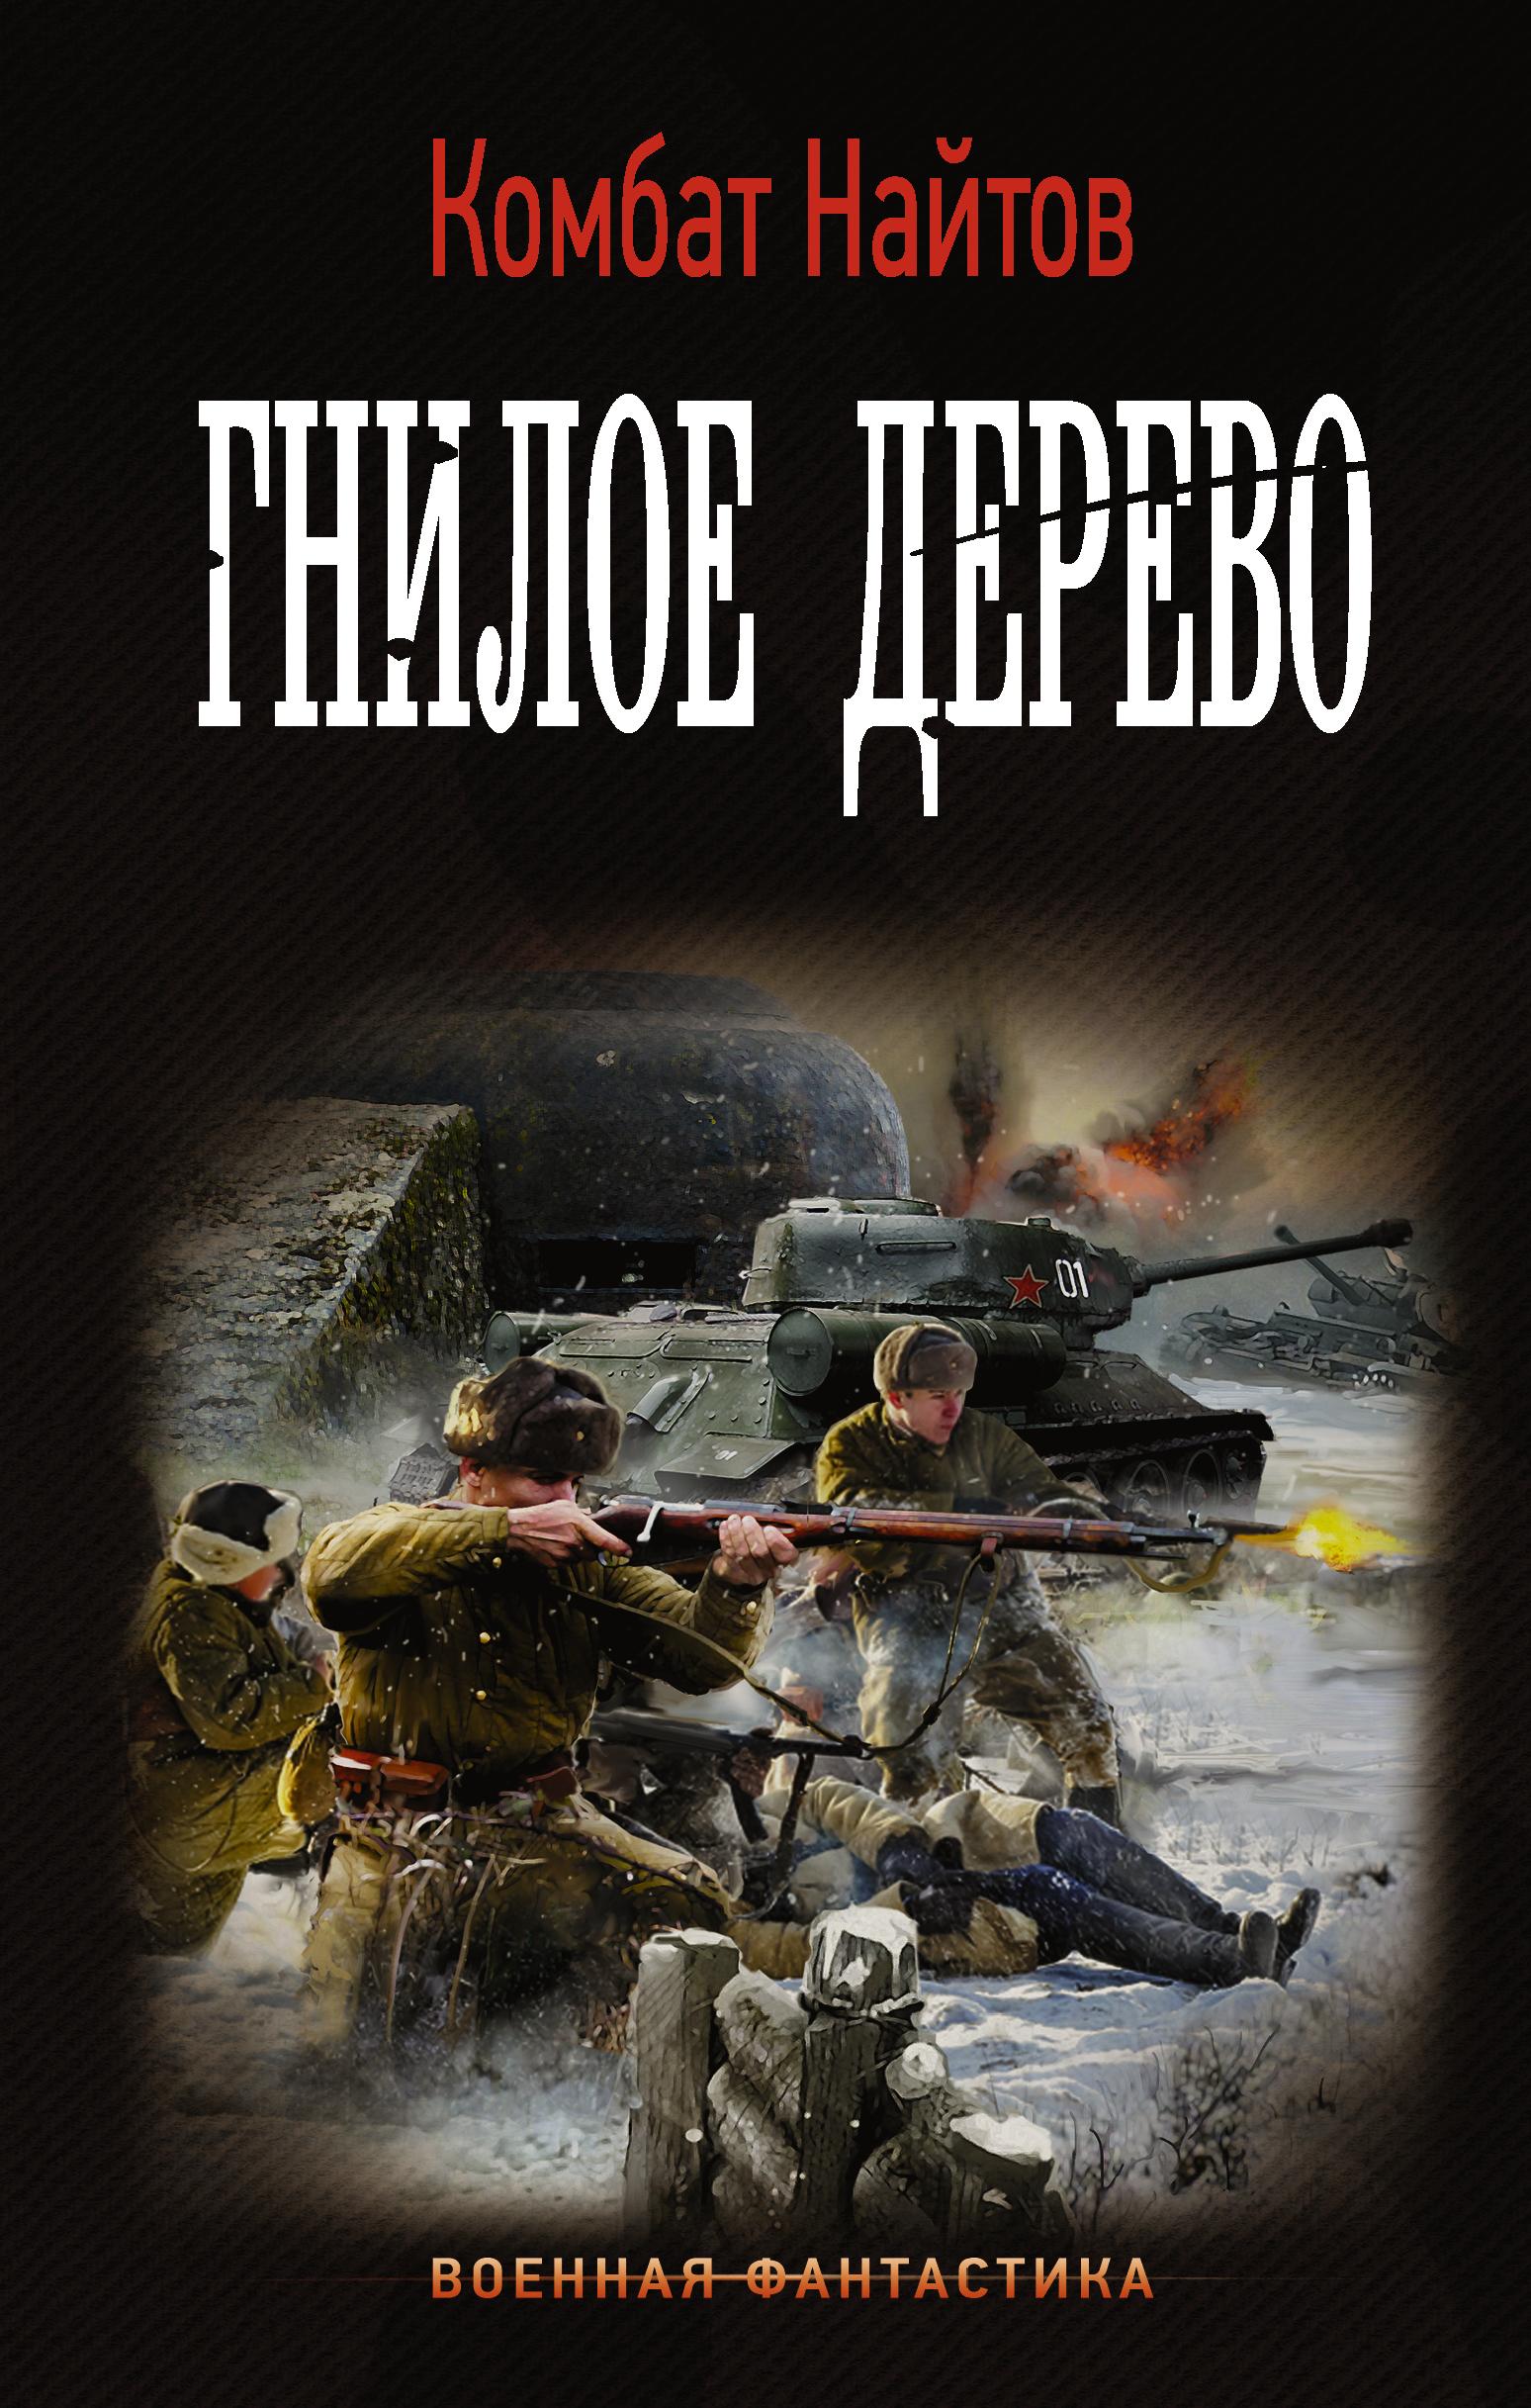 термобельем серия книг военная фантастика Как стирать